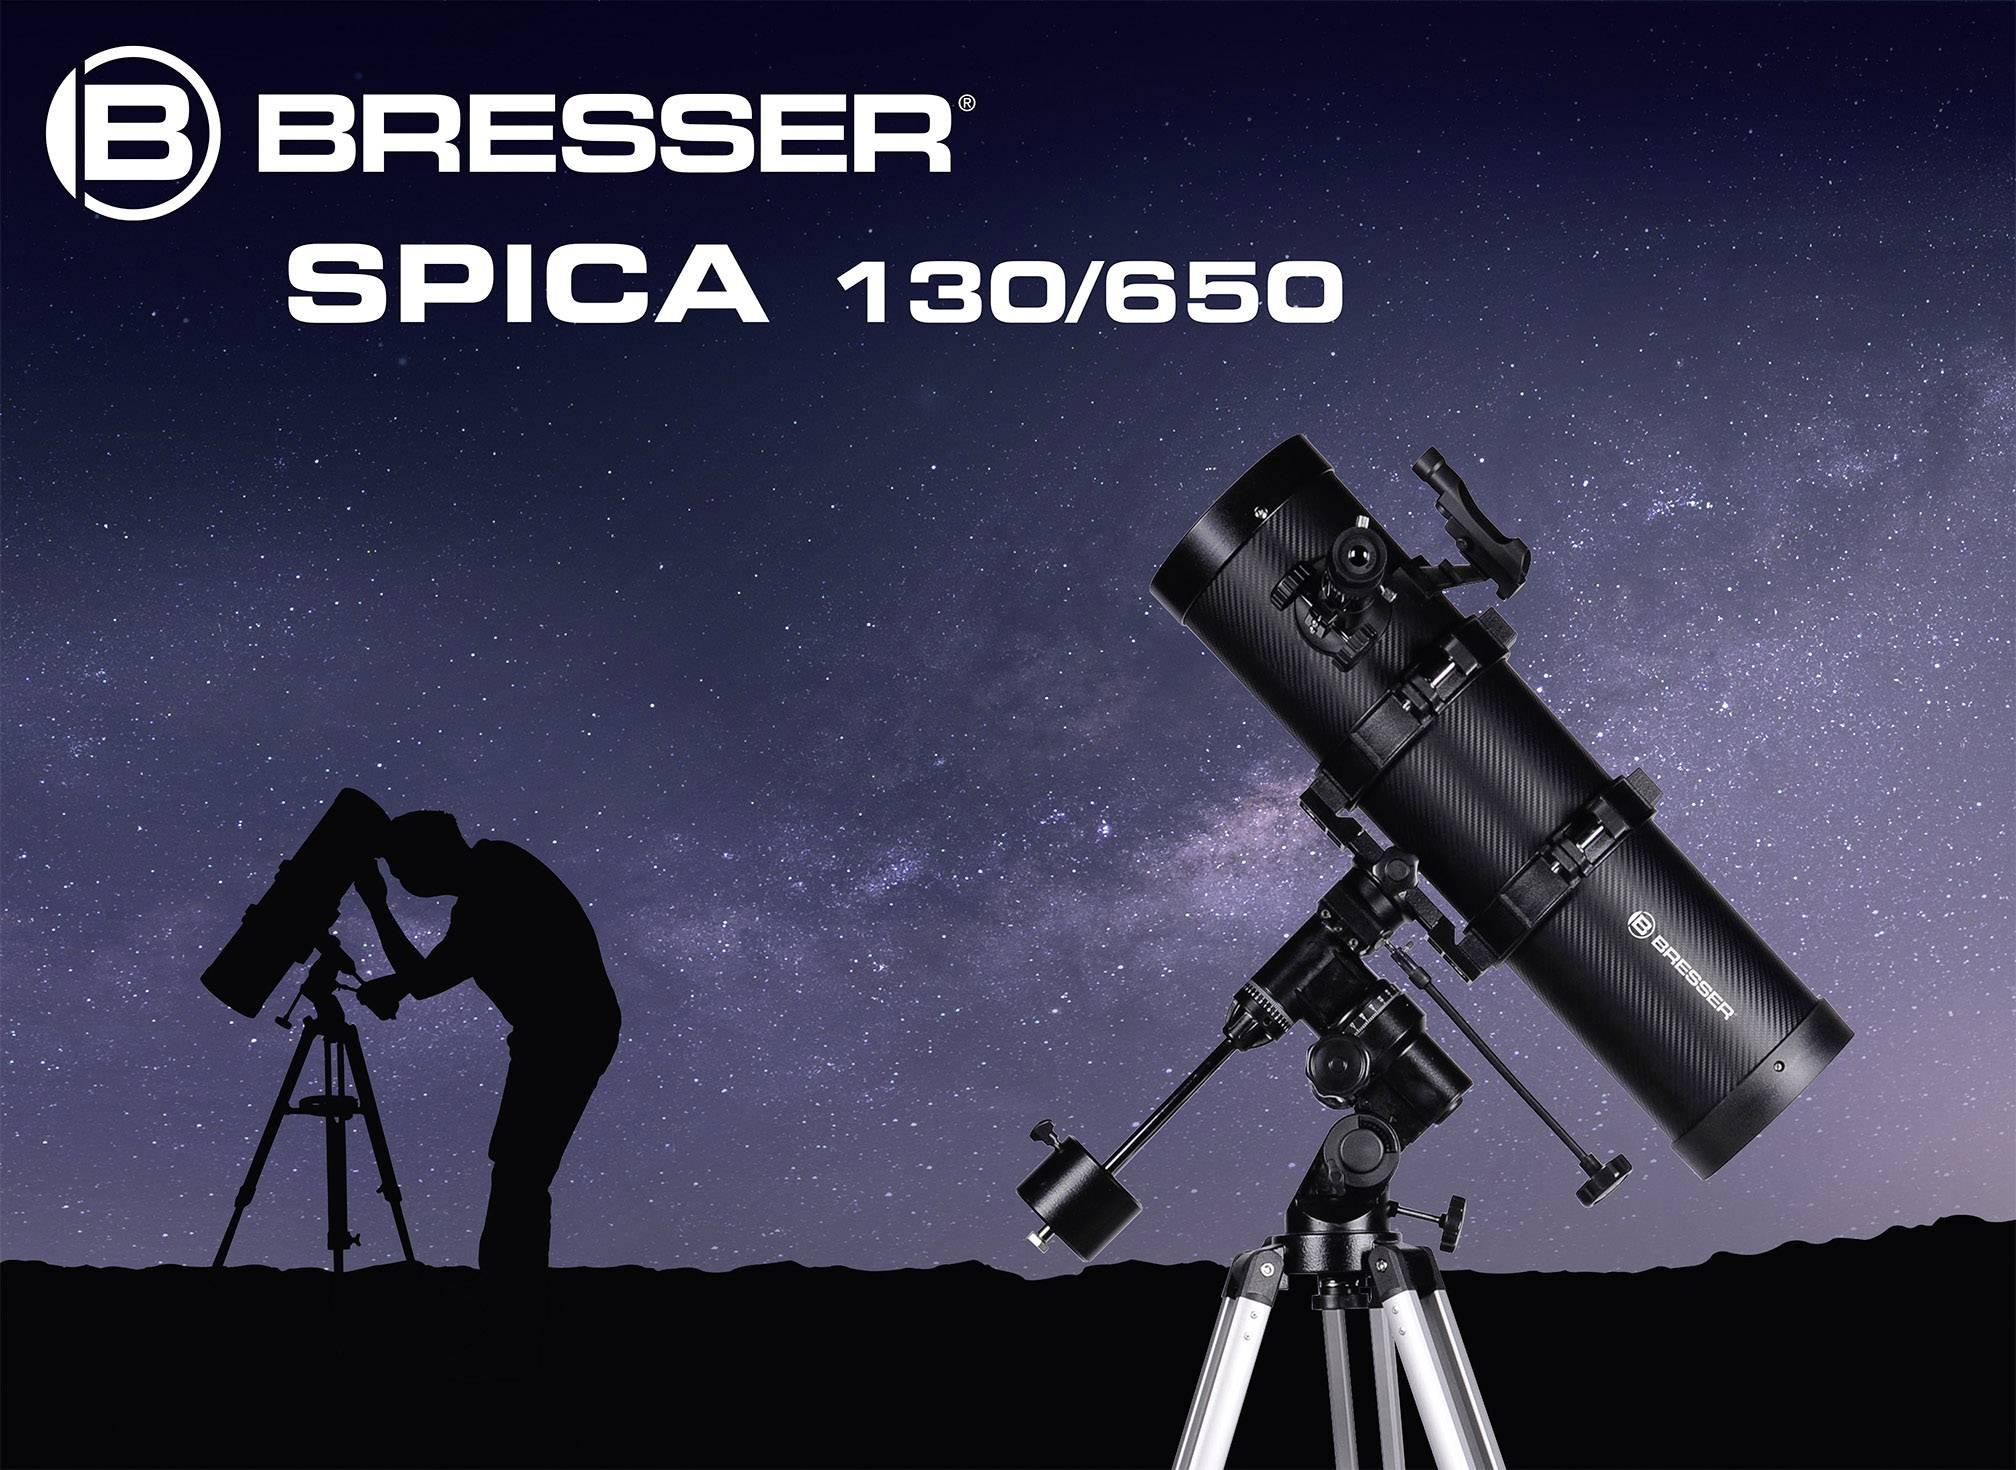 Bresser teleskop die beliebtesten teleskope im vergleich